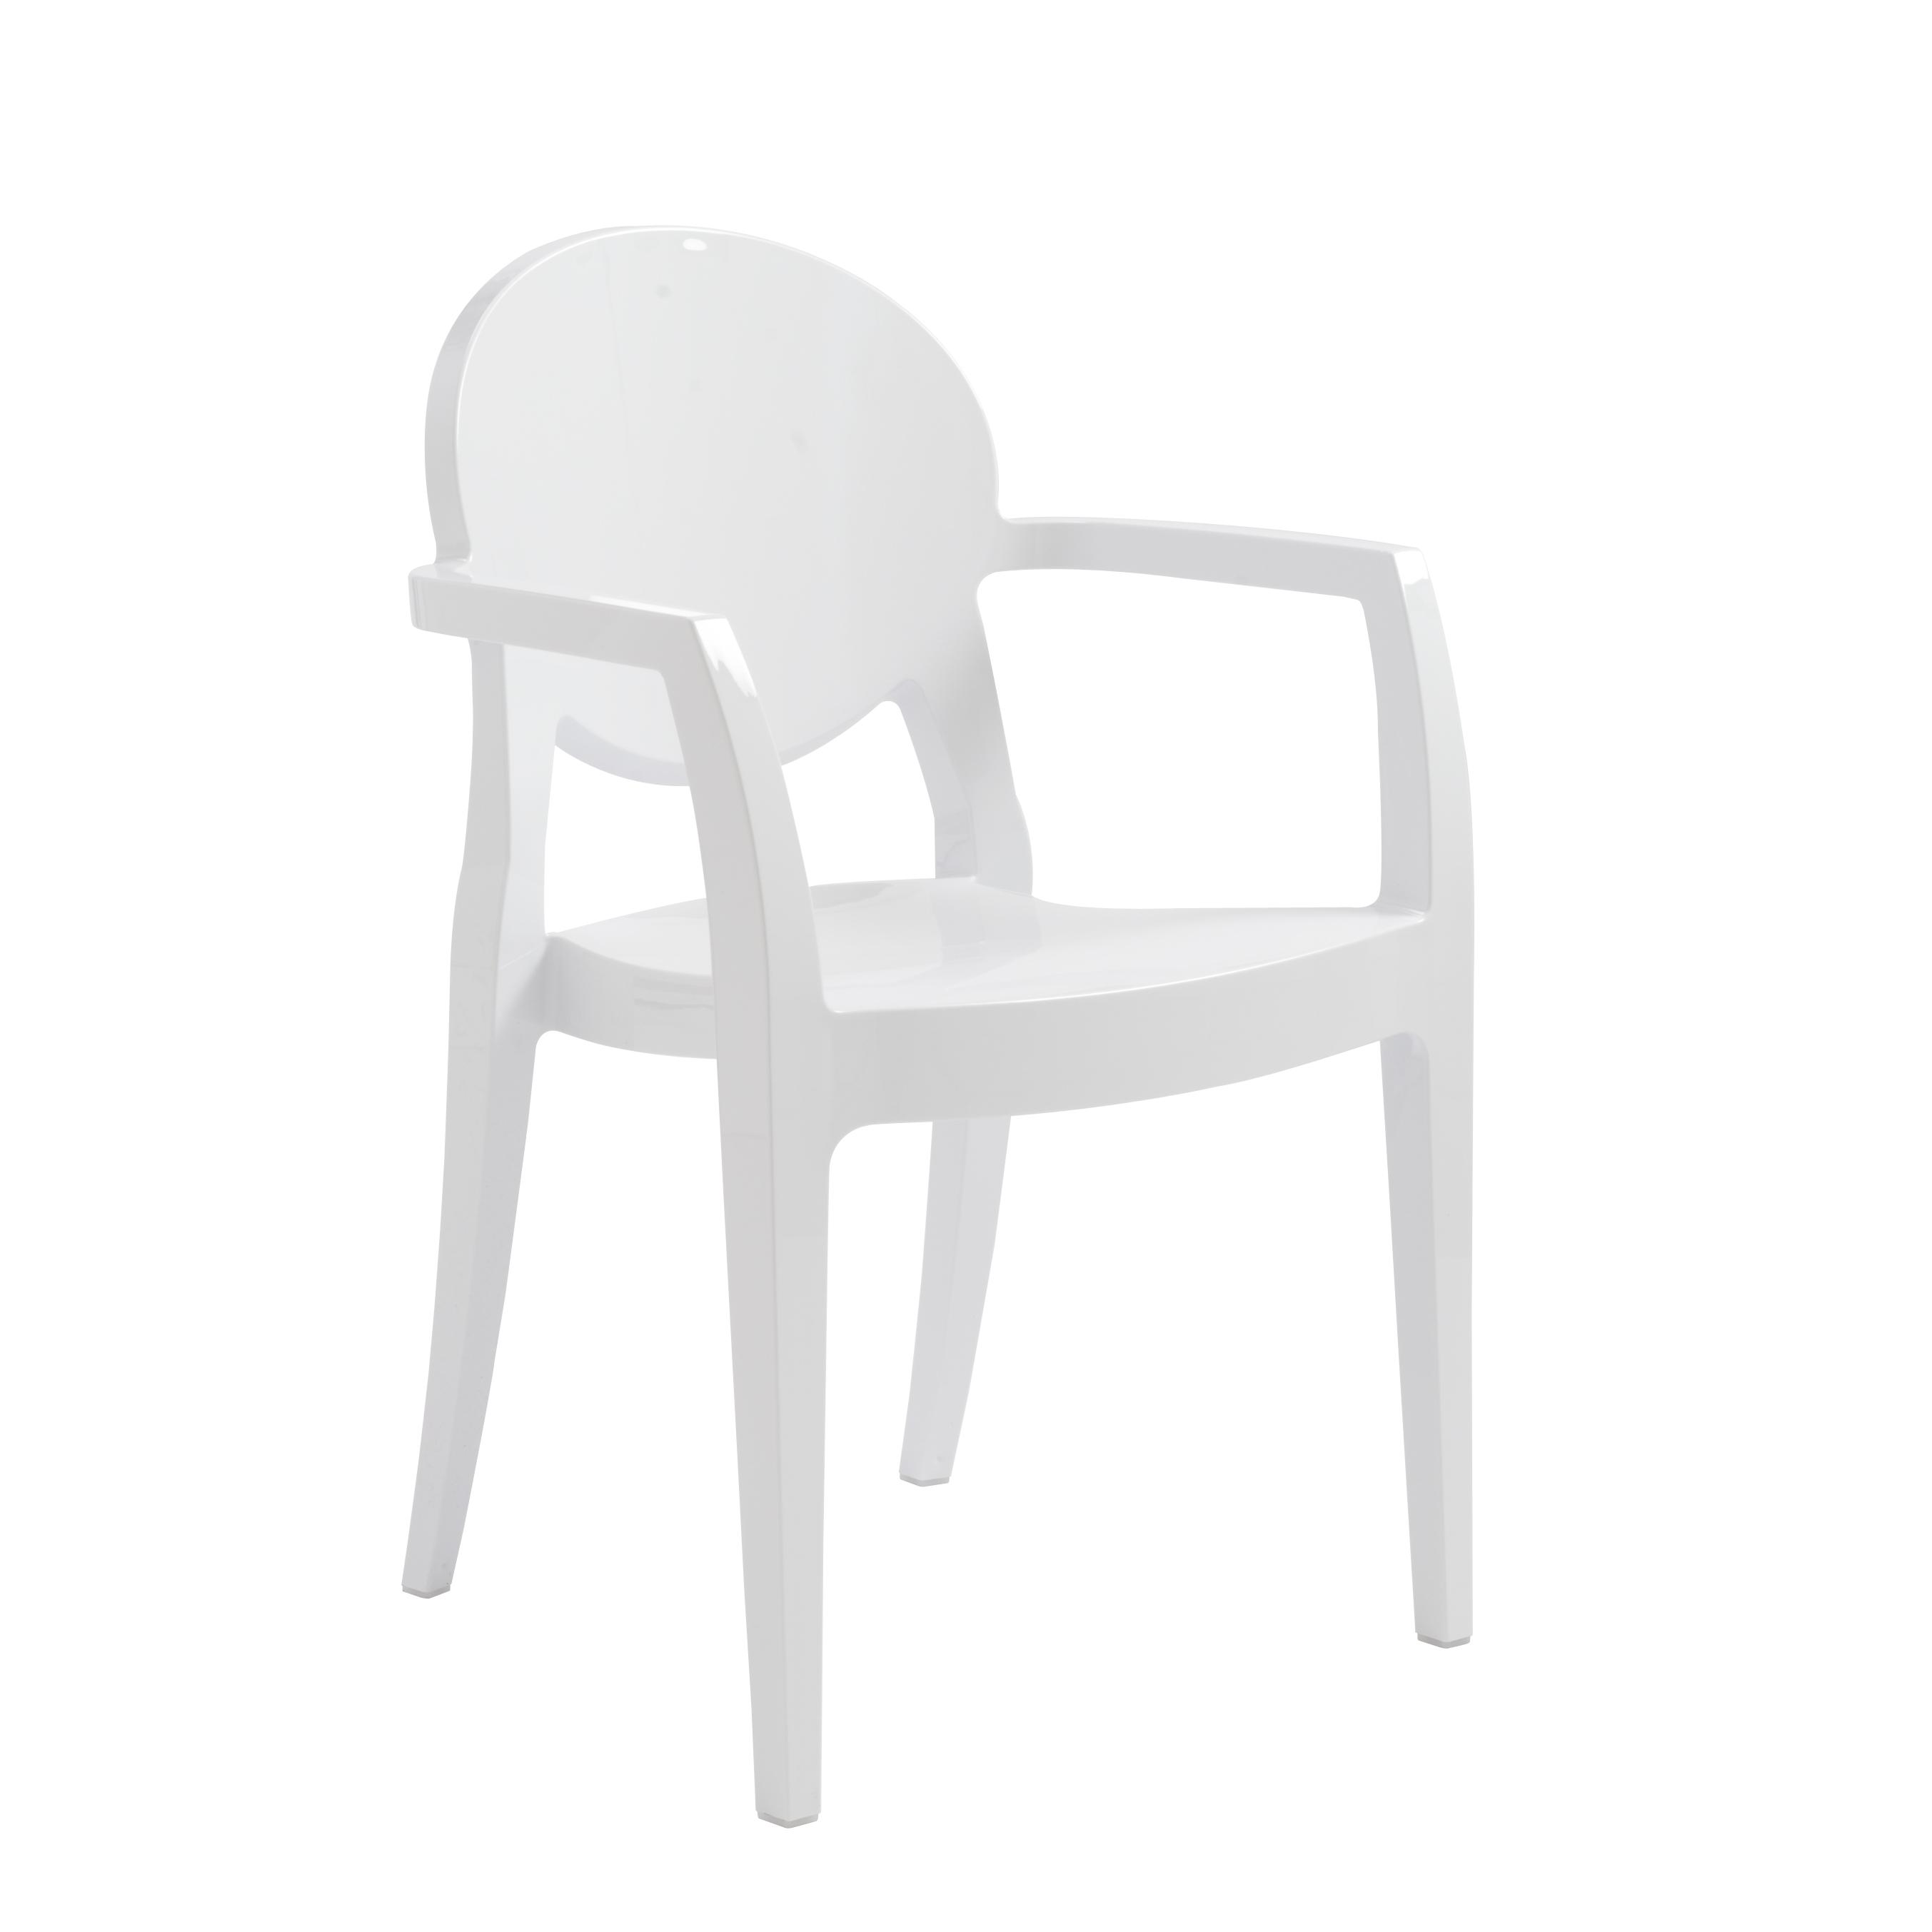 Igloo Arm Chair Euro Style